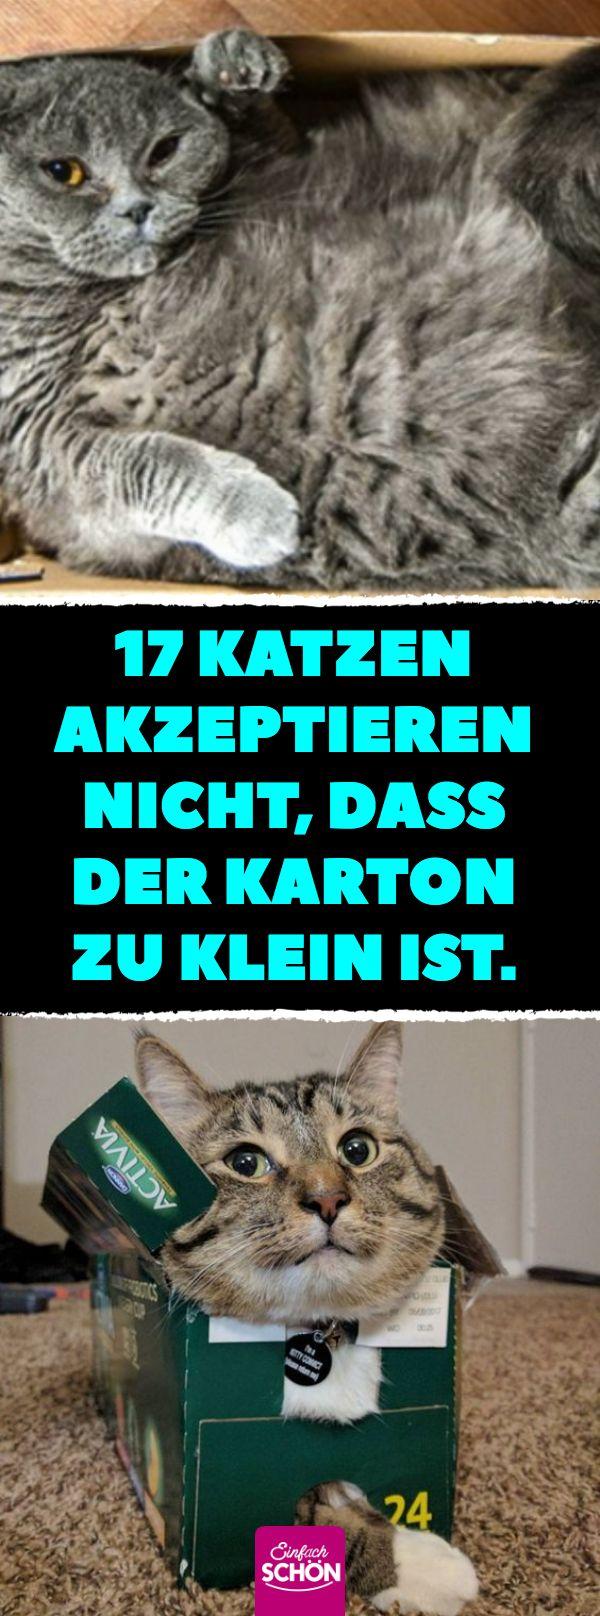 17 Katzen akzeptieren nicht, dass der Karton zu klein ist. #katzen #kartons # bo …  – Katzen